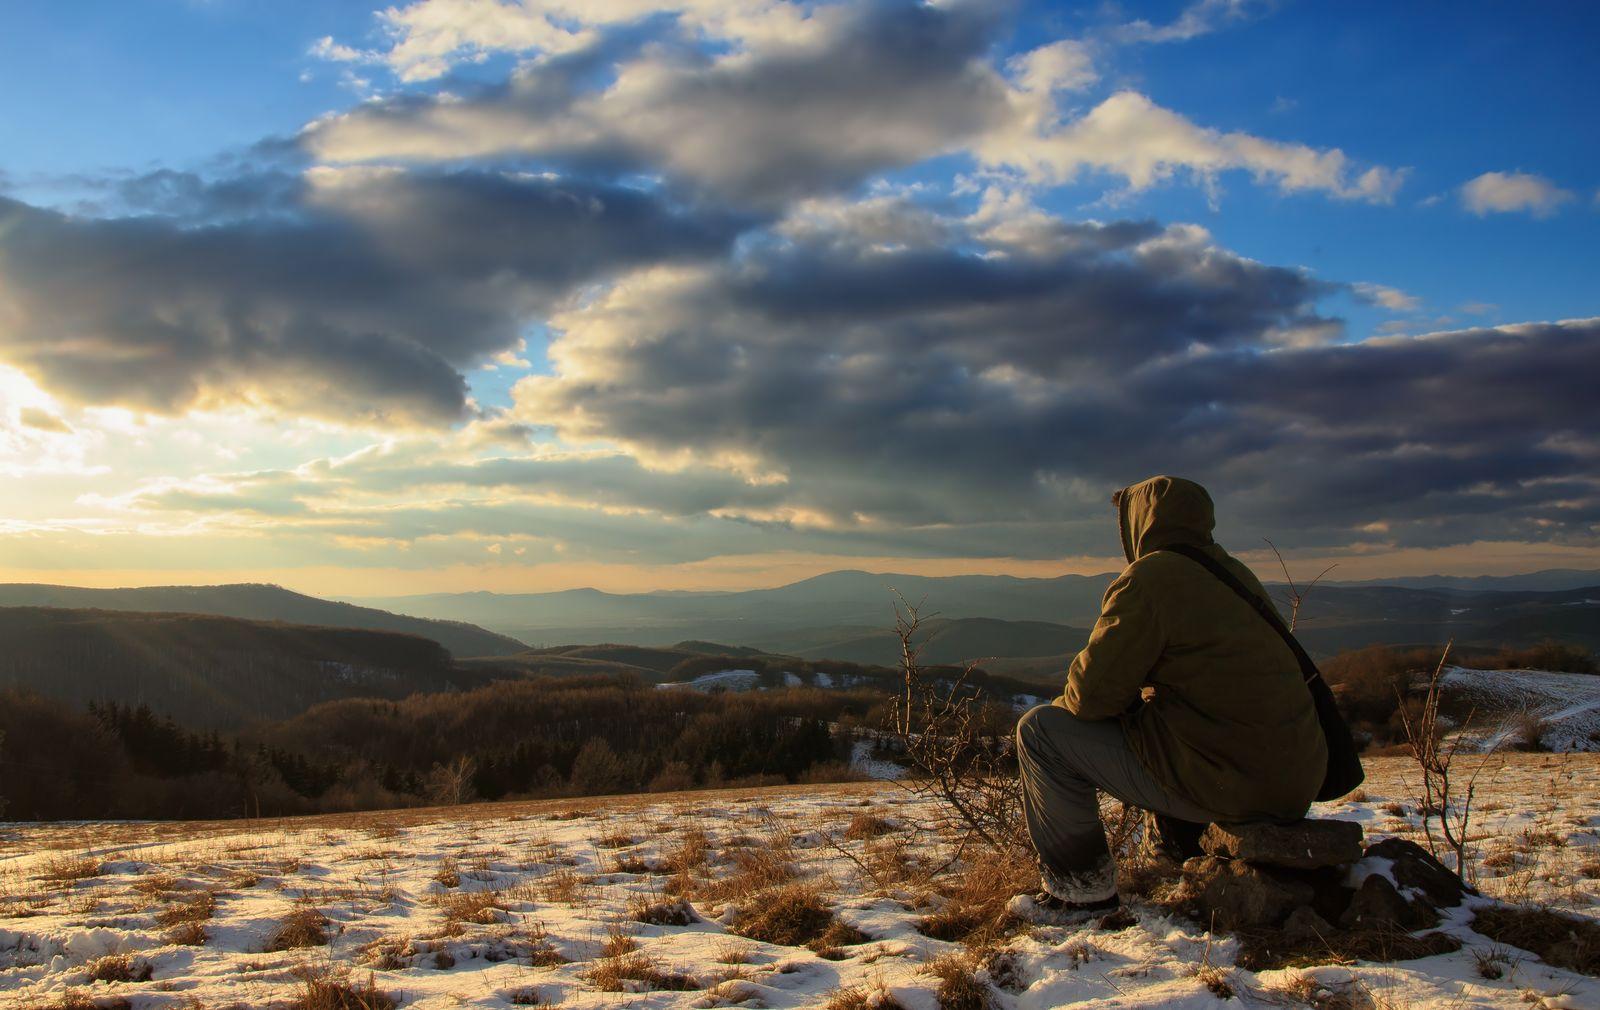 Dzień mężczyzny: trzy sposoby oryginalne świętowanie